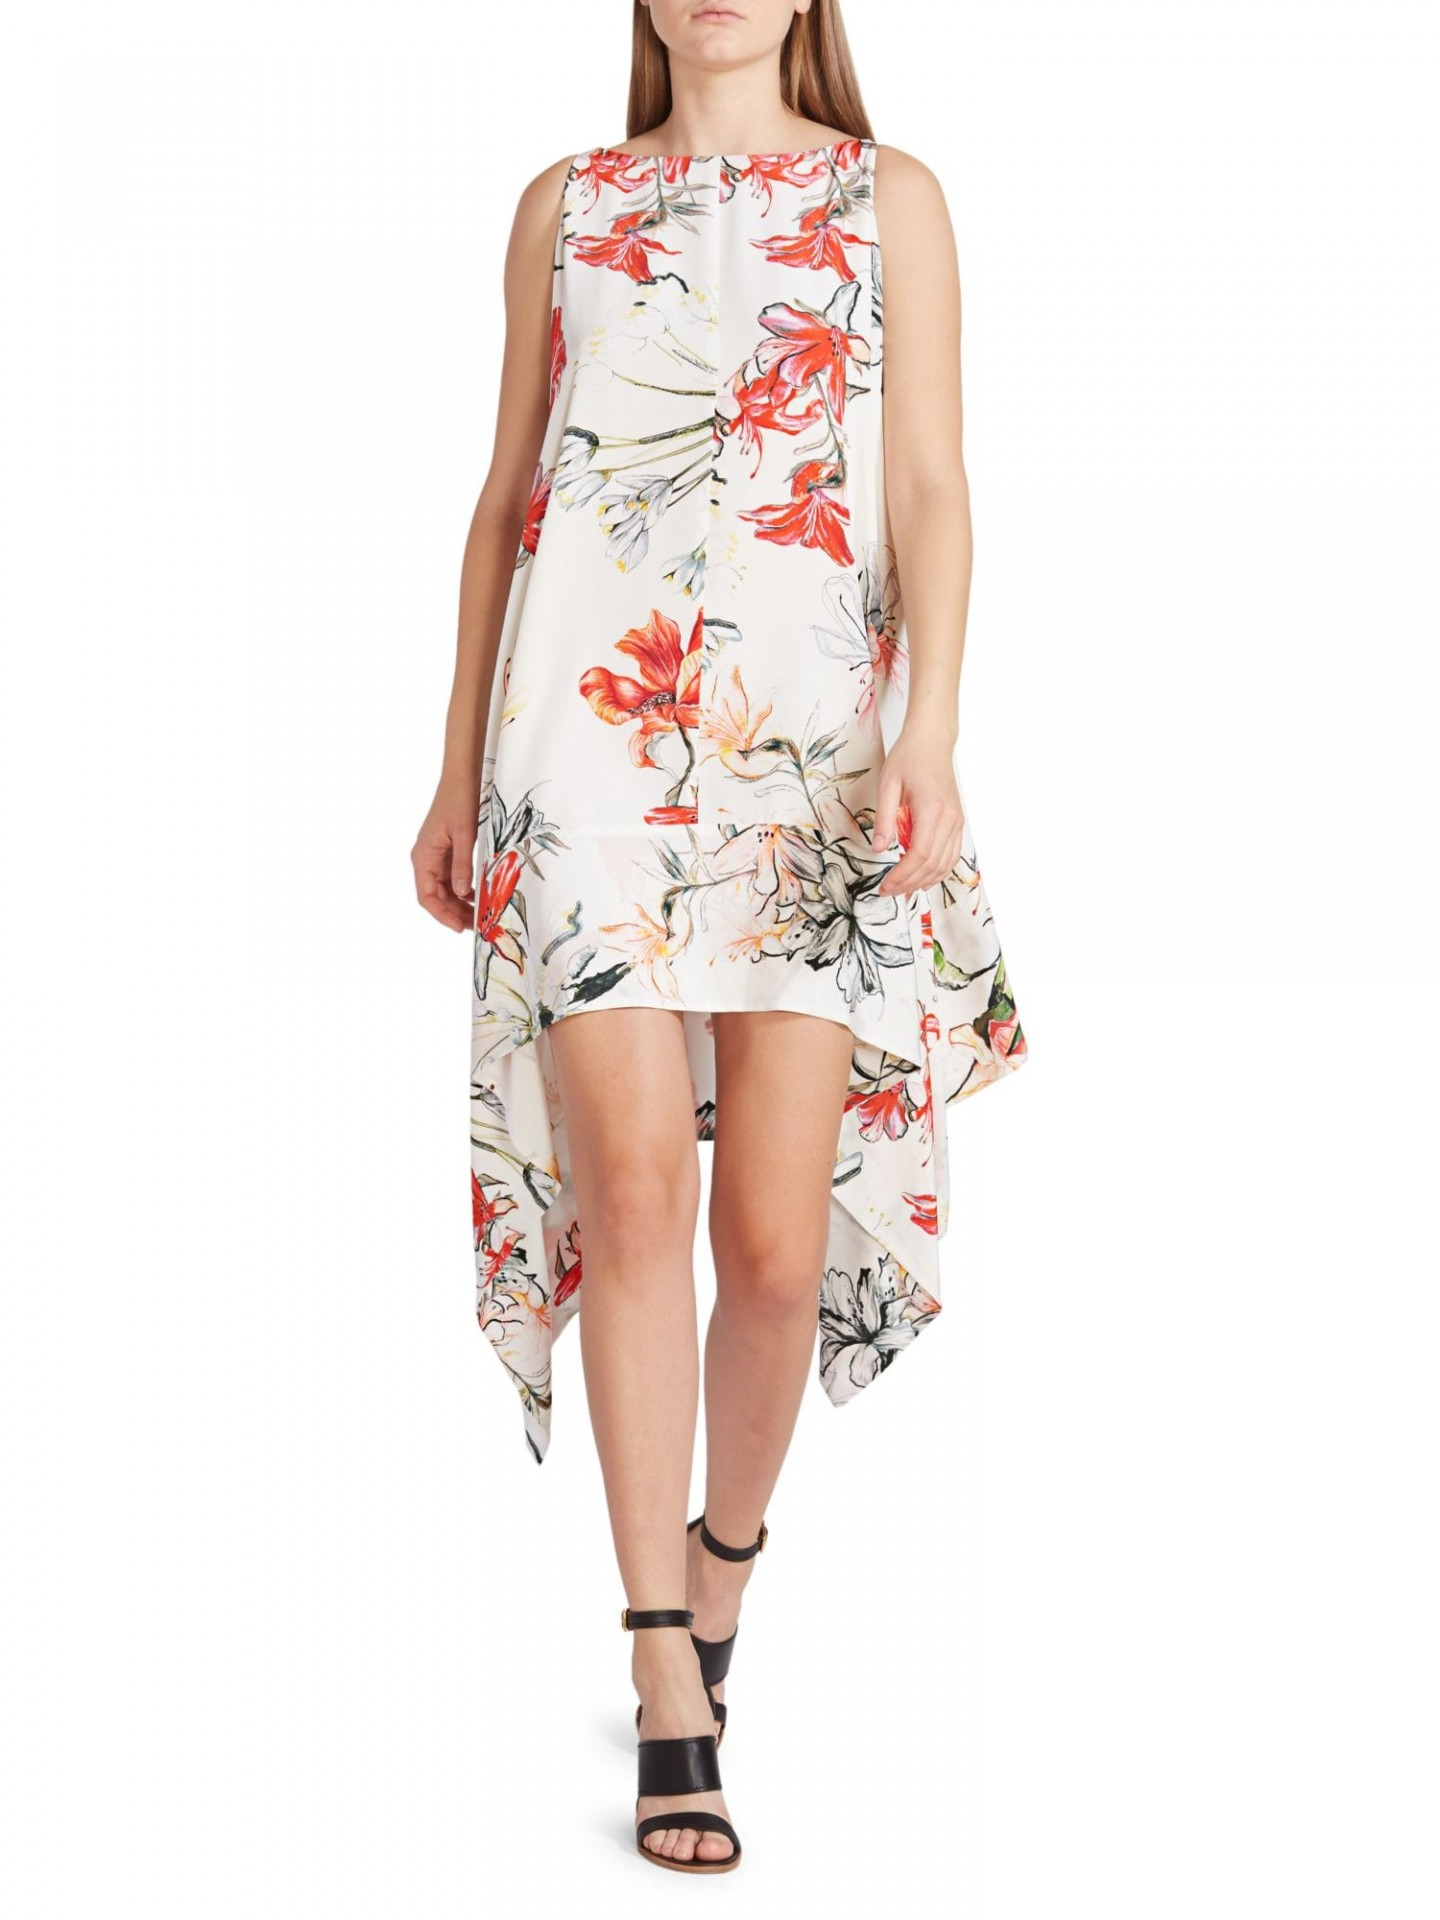 ALEXANDER MCQUEEN New Day Floral Silk Handkerchief Dress